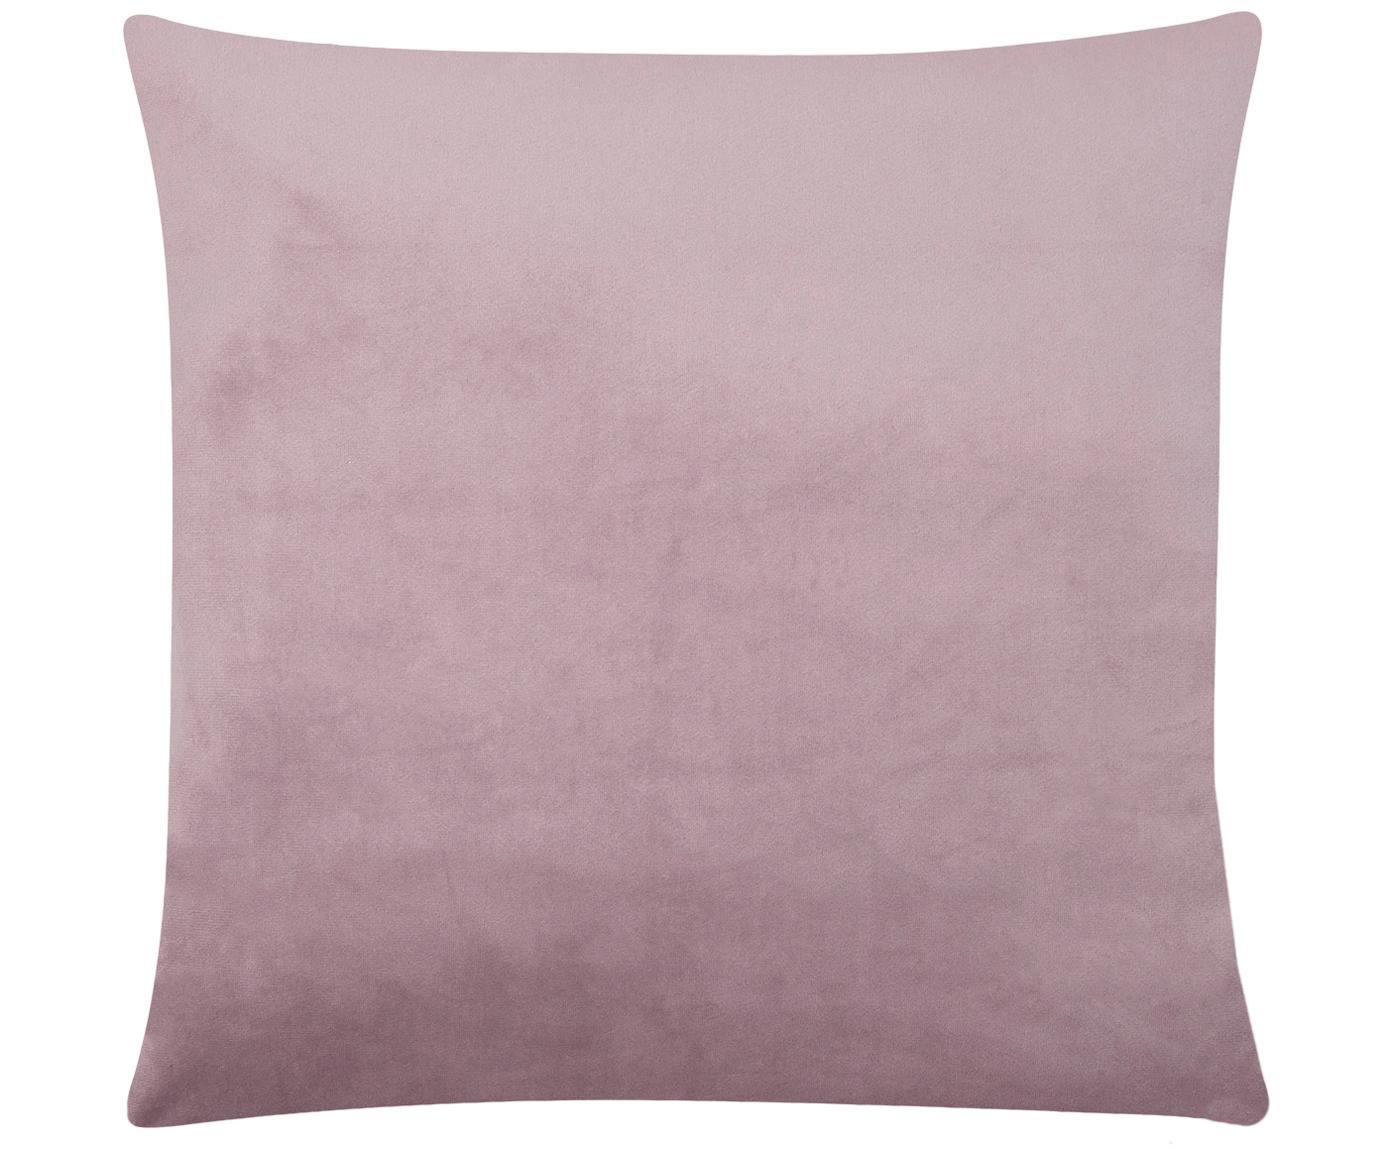 Poszewka na poduszkę z aksamitu Palmsprings, 100% aksamit poliestrowy, Mauve, odcienie złotego, S 40 x D 40 cm